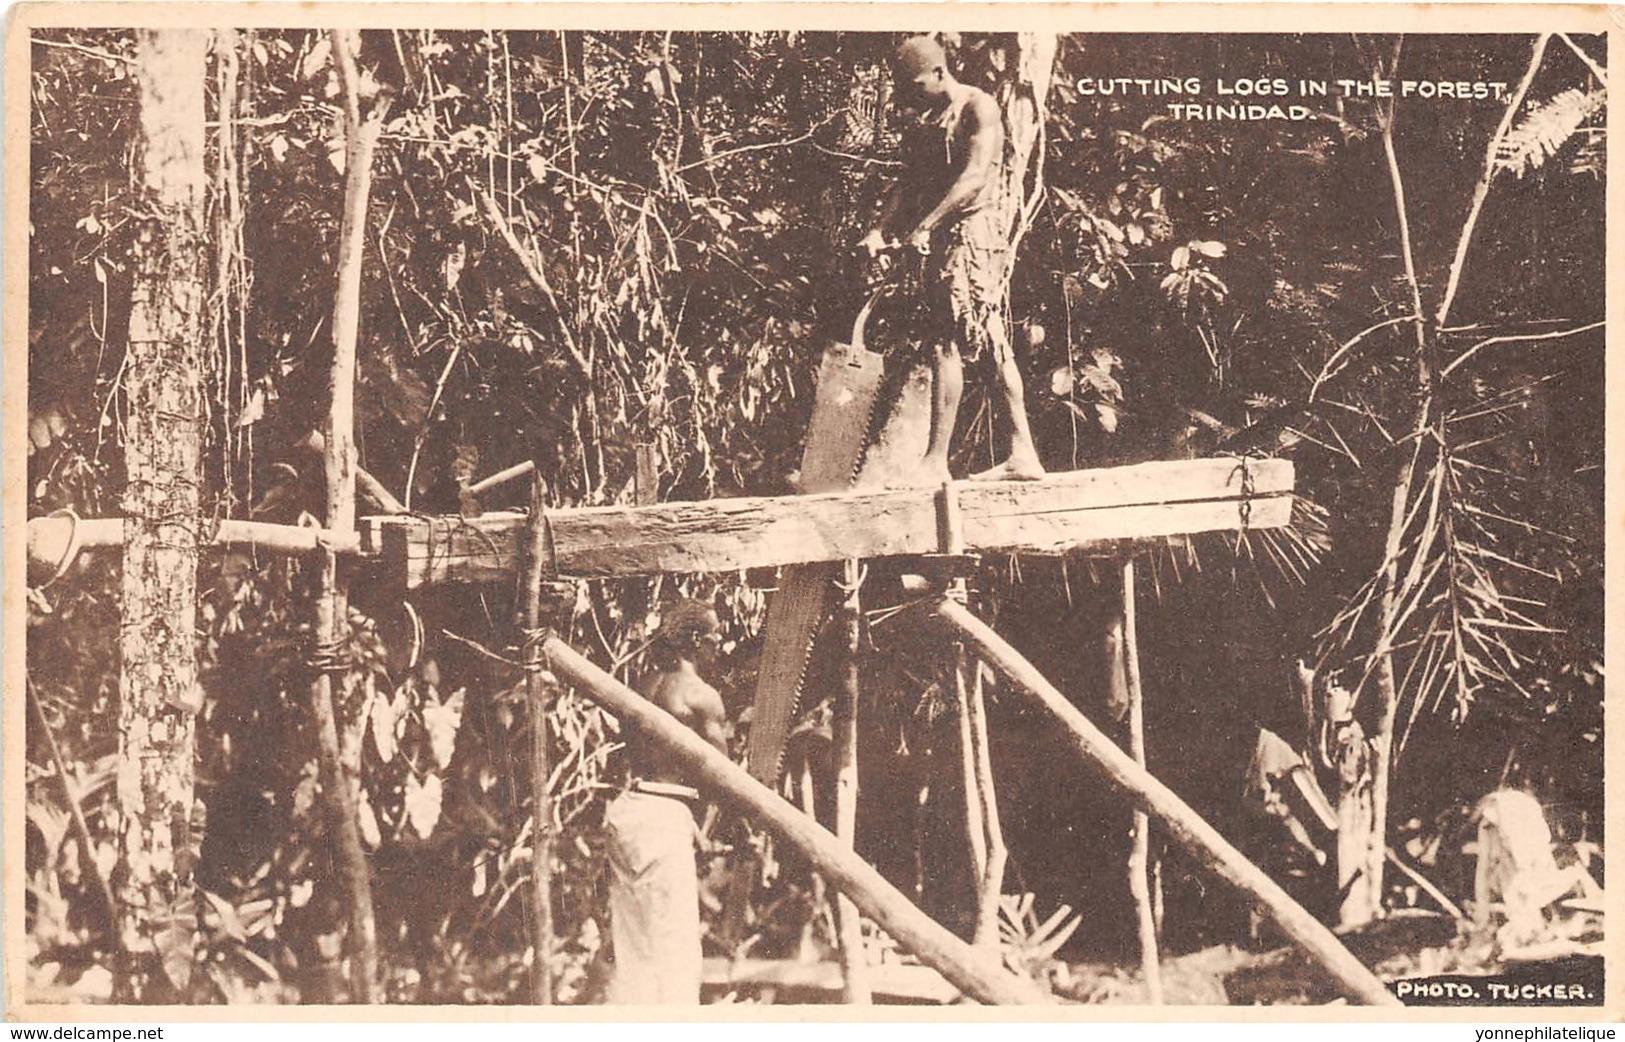 Trinidad - Ethnic / 09 - Cutting Logs In The Forest - Trinidad